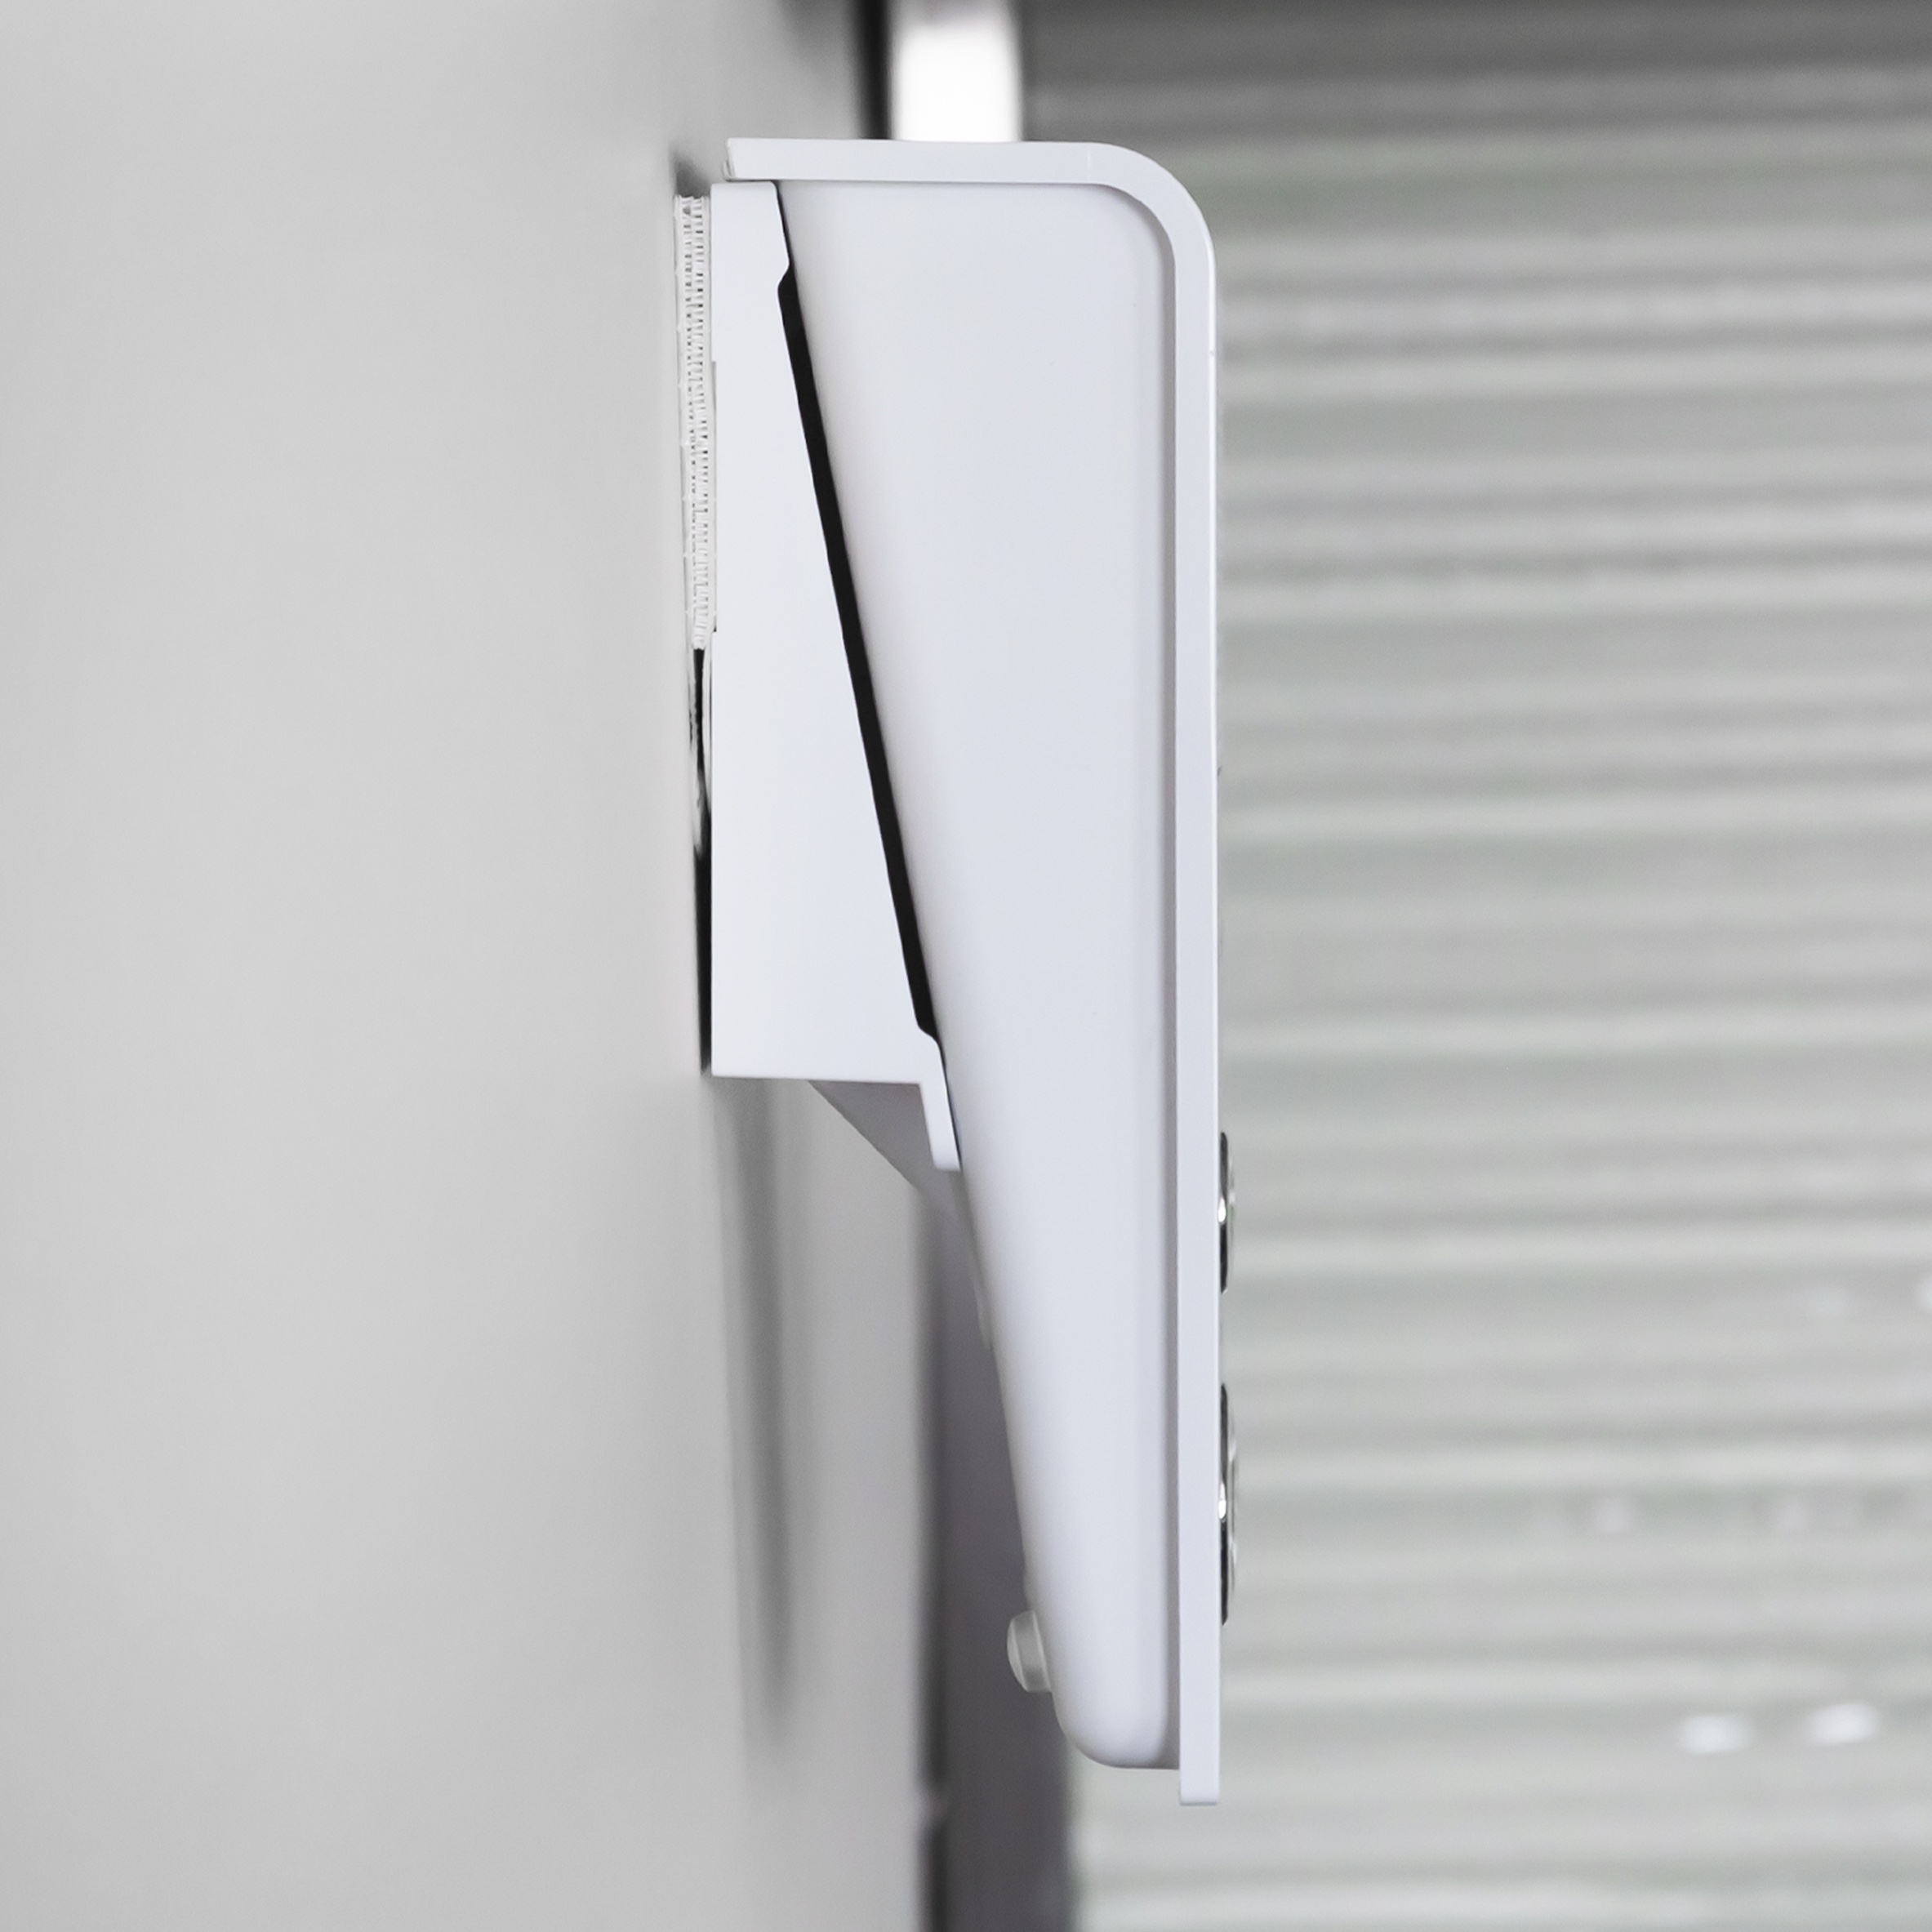 SEVEN wall bracket side view